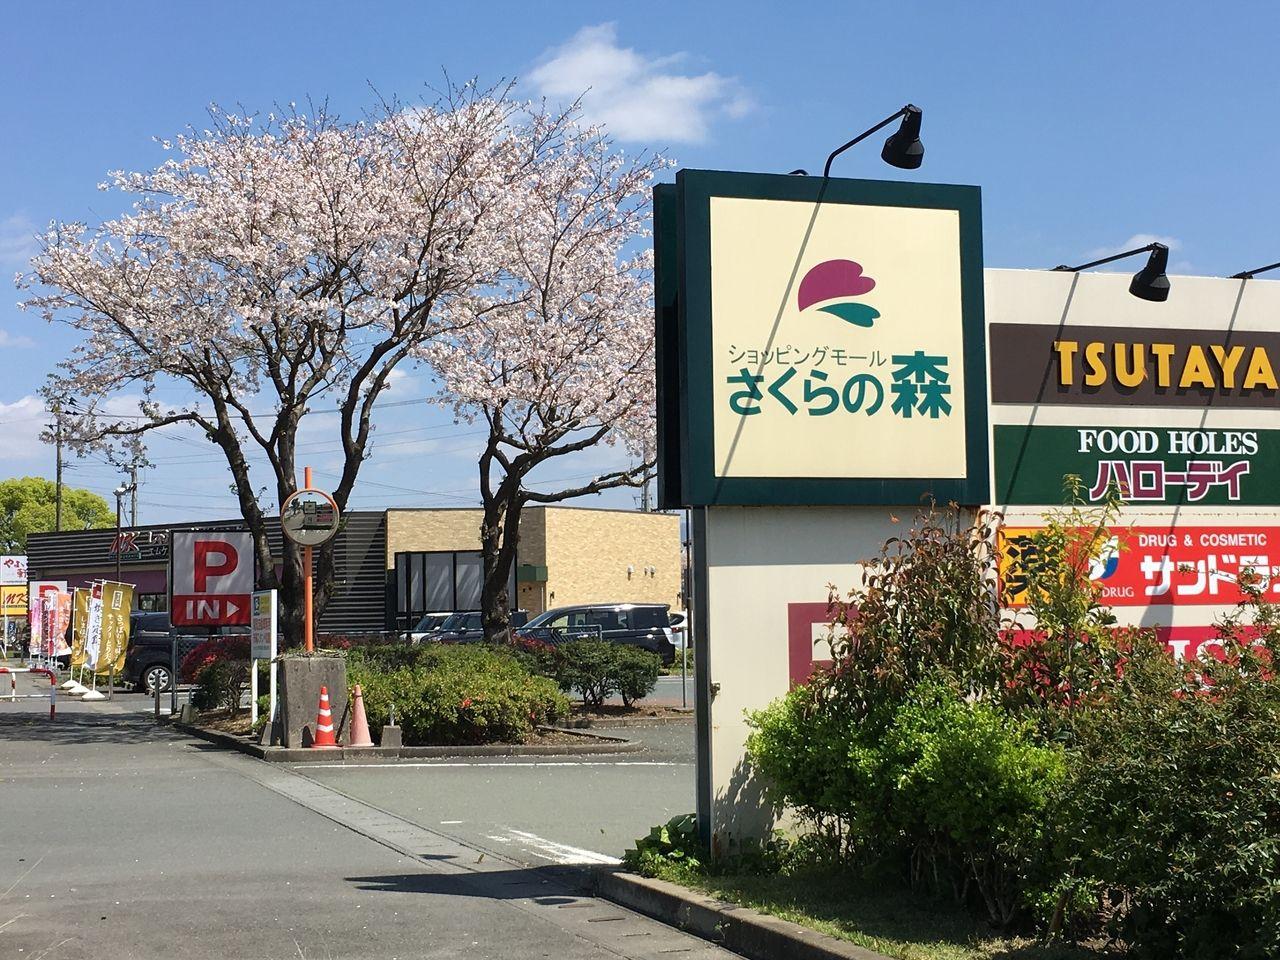 熊本市東区桜木6丁目にあるショッピングモールさくらの森